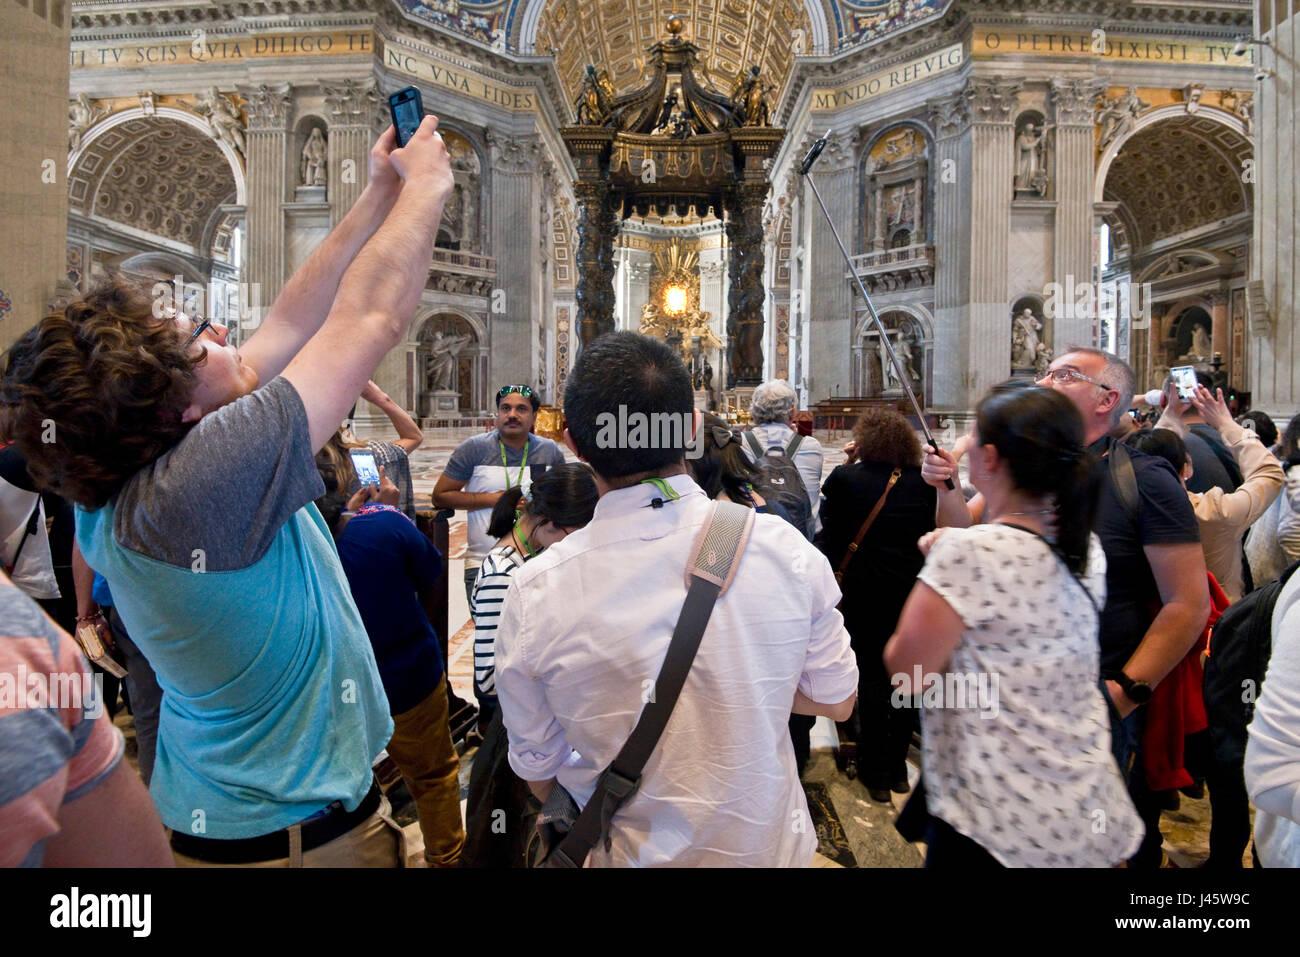 https://c8.alamy.com/compde/j45w9c/eine-weitwinkel-interieur-innenansicht-str-peters-basilica-von-den-hauptaltar-und-massen-von-touristen-und-besuchern-alle-versuchen-fotografien-und-selfies-bekommen-j45w9c.jpg